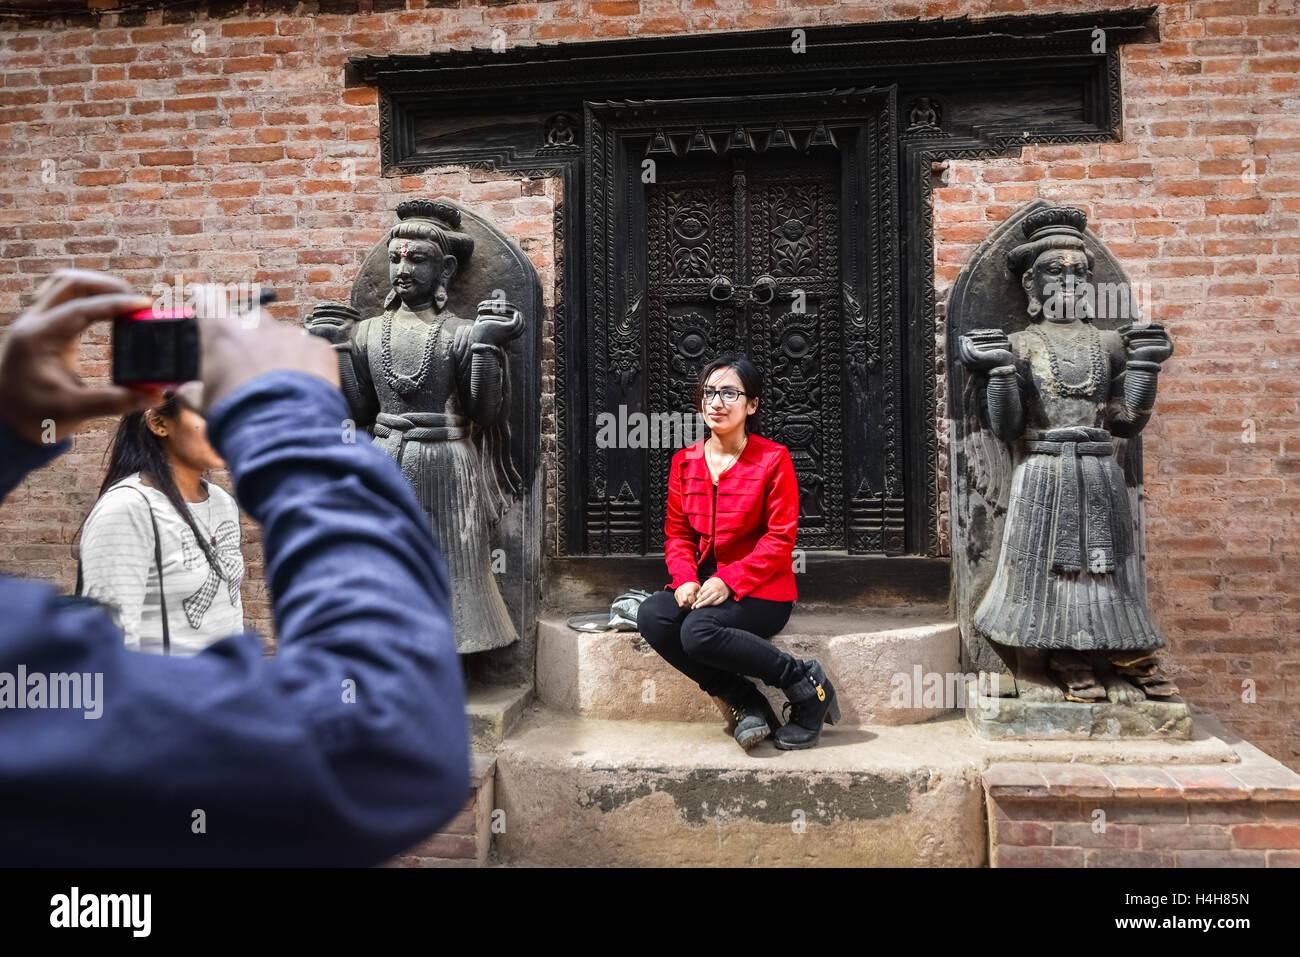 Les personnes prenant une photo dans le bâtiment historique de Bhaktapur, Népal. Reynold © Sumayku Photo Stock